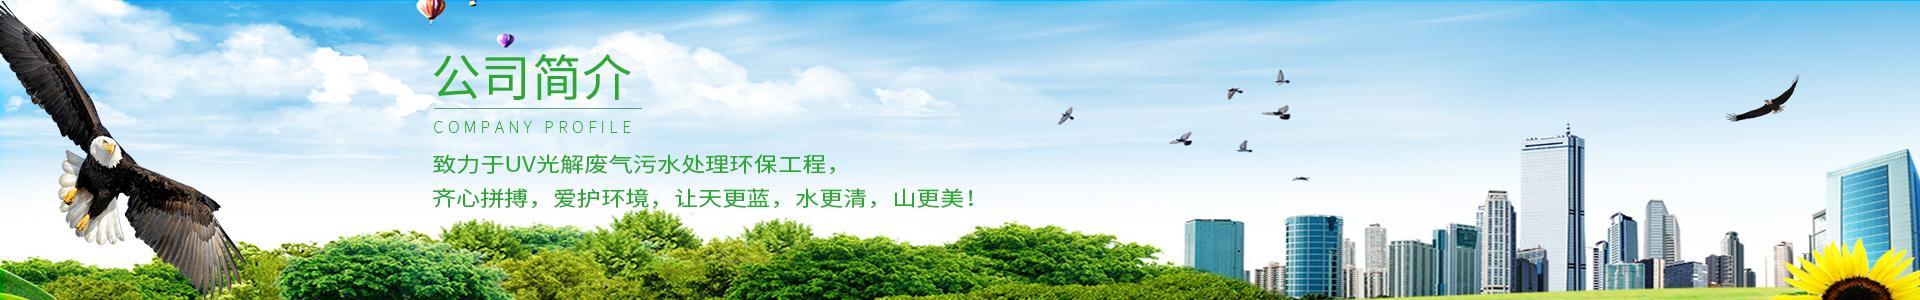 深圳海德隆企业实拍